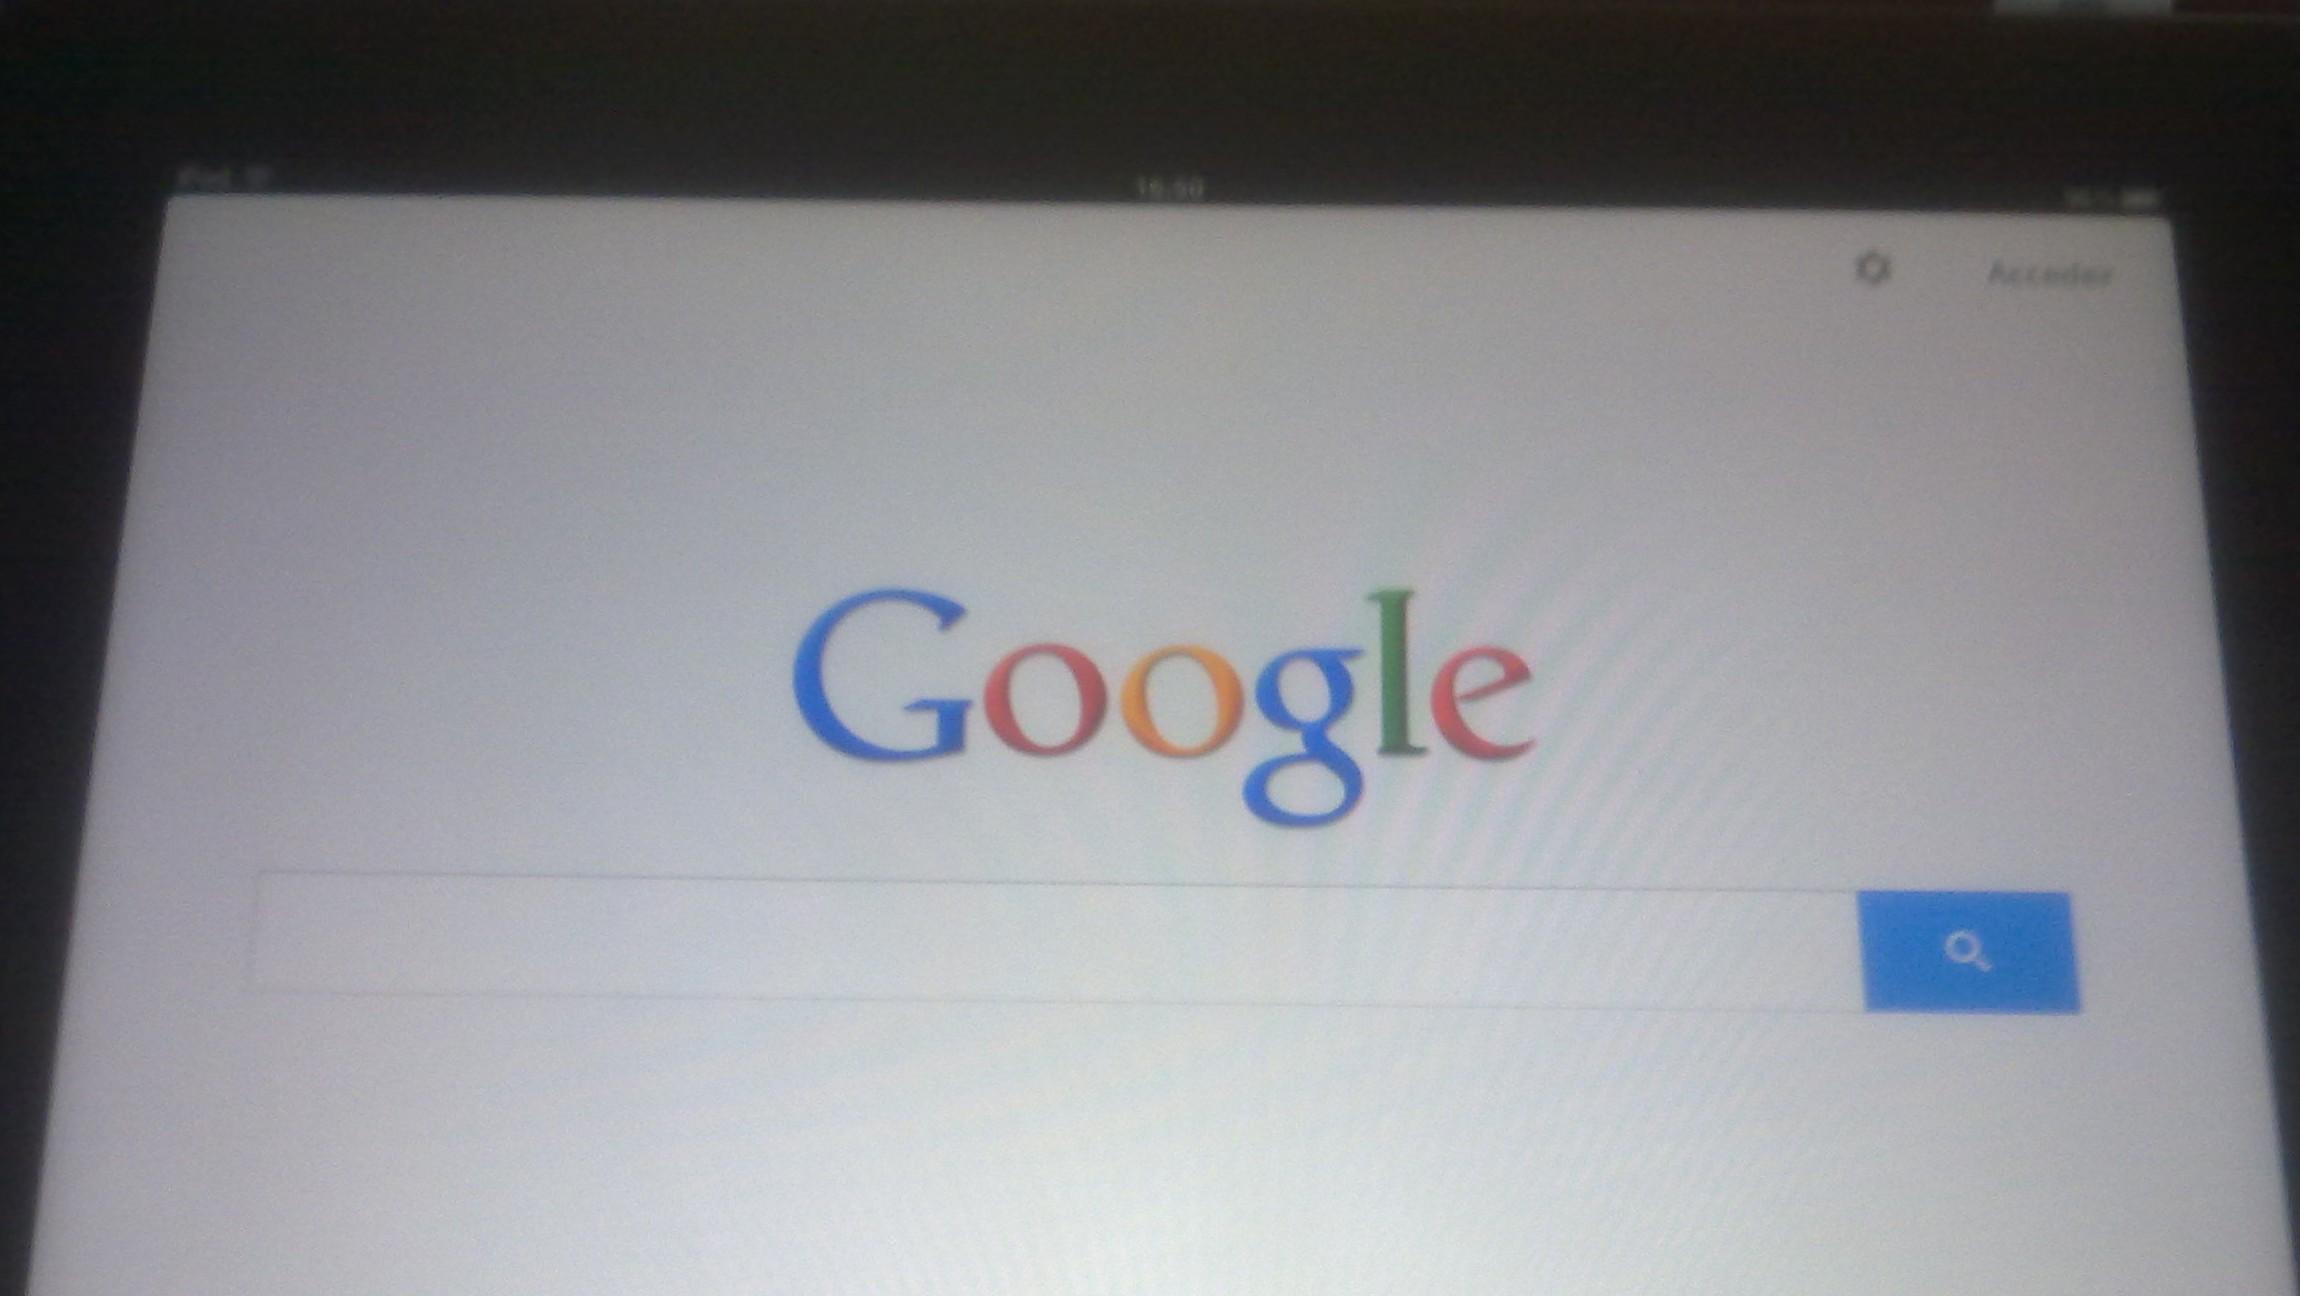 googleipad2